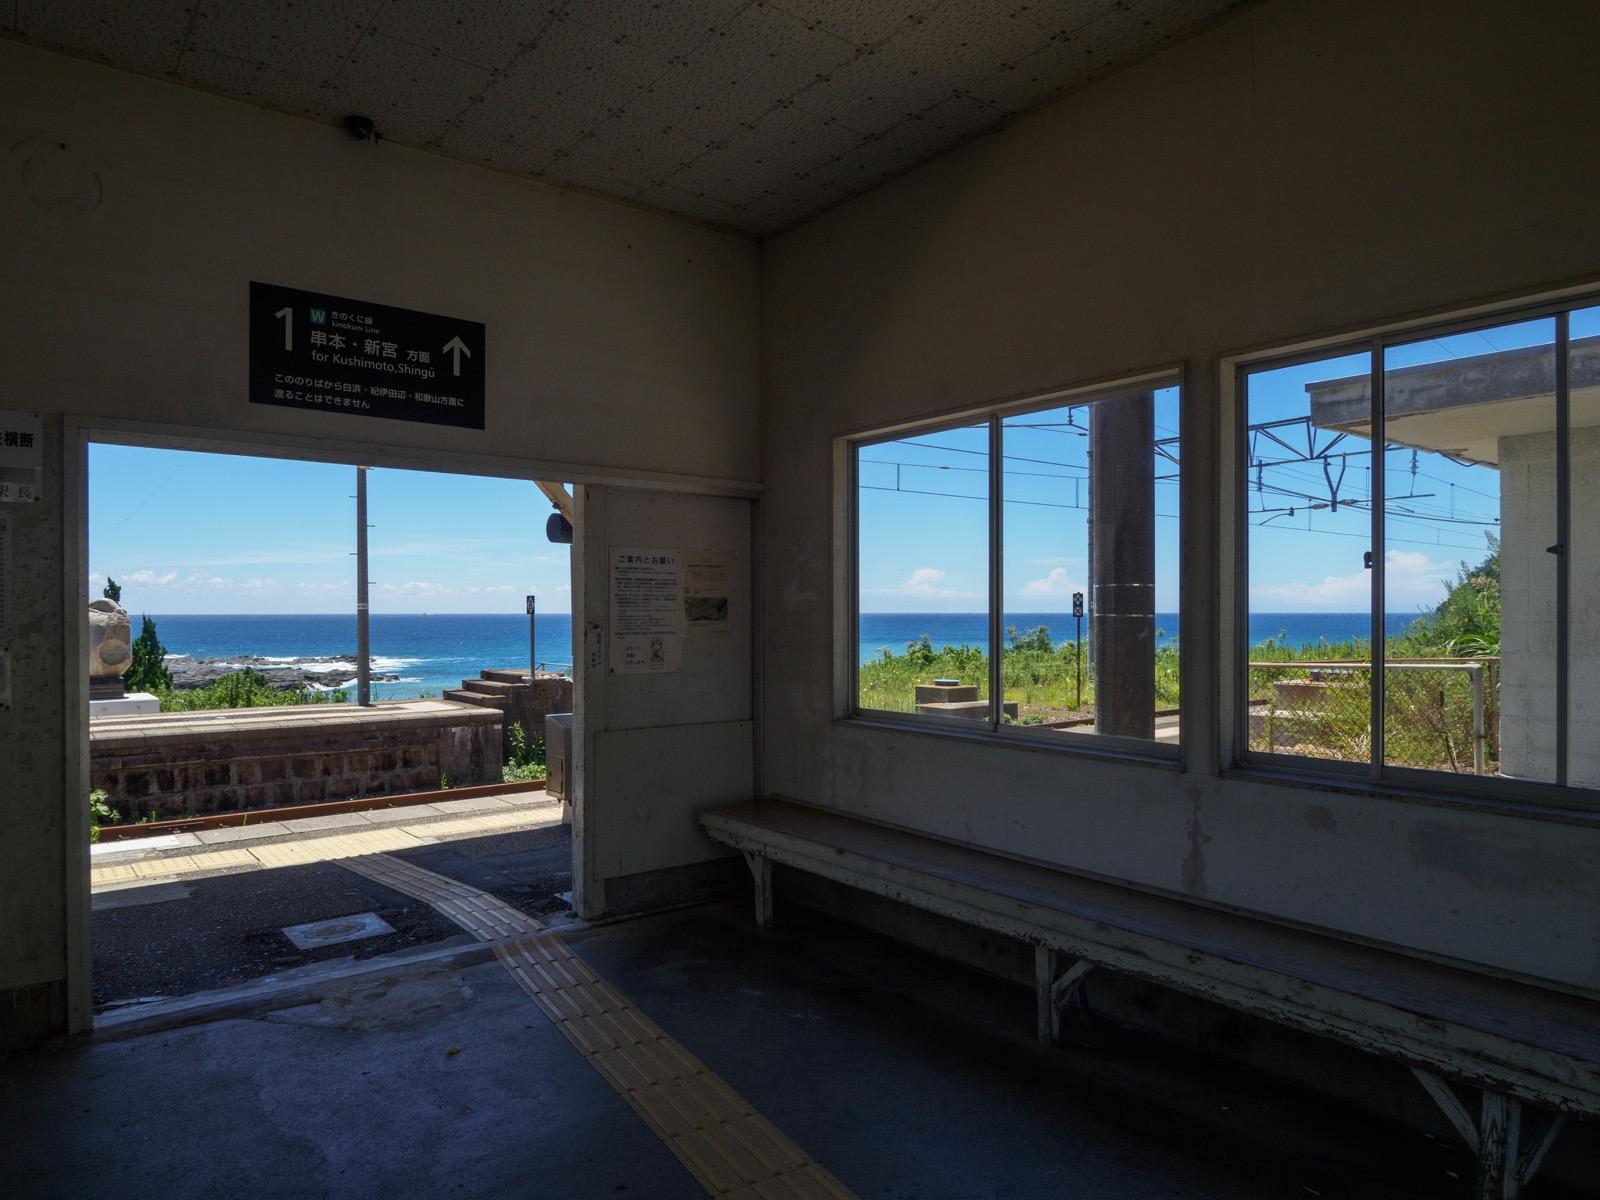 和深駅の駅舎から見る海(枯木灘)